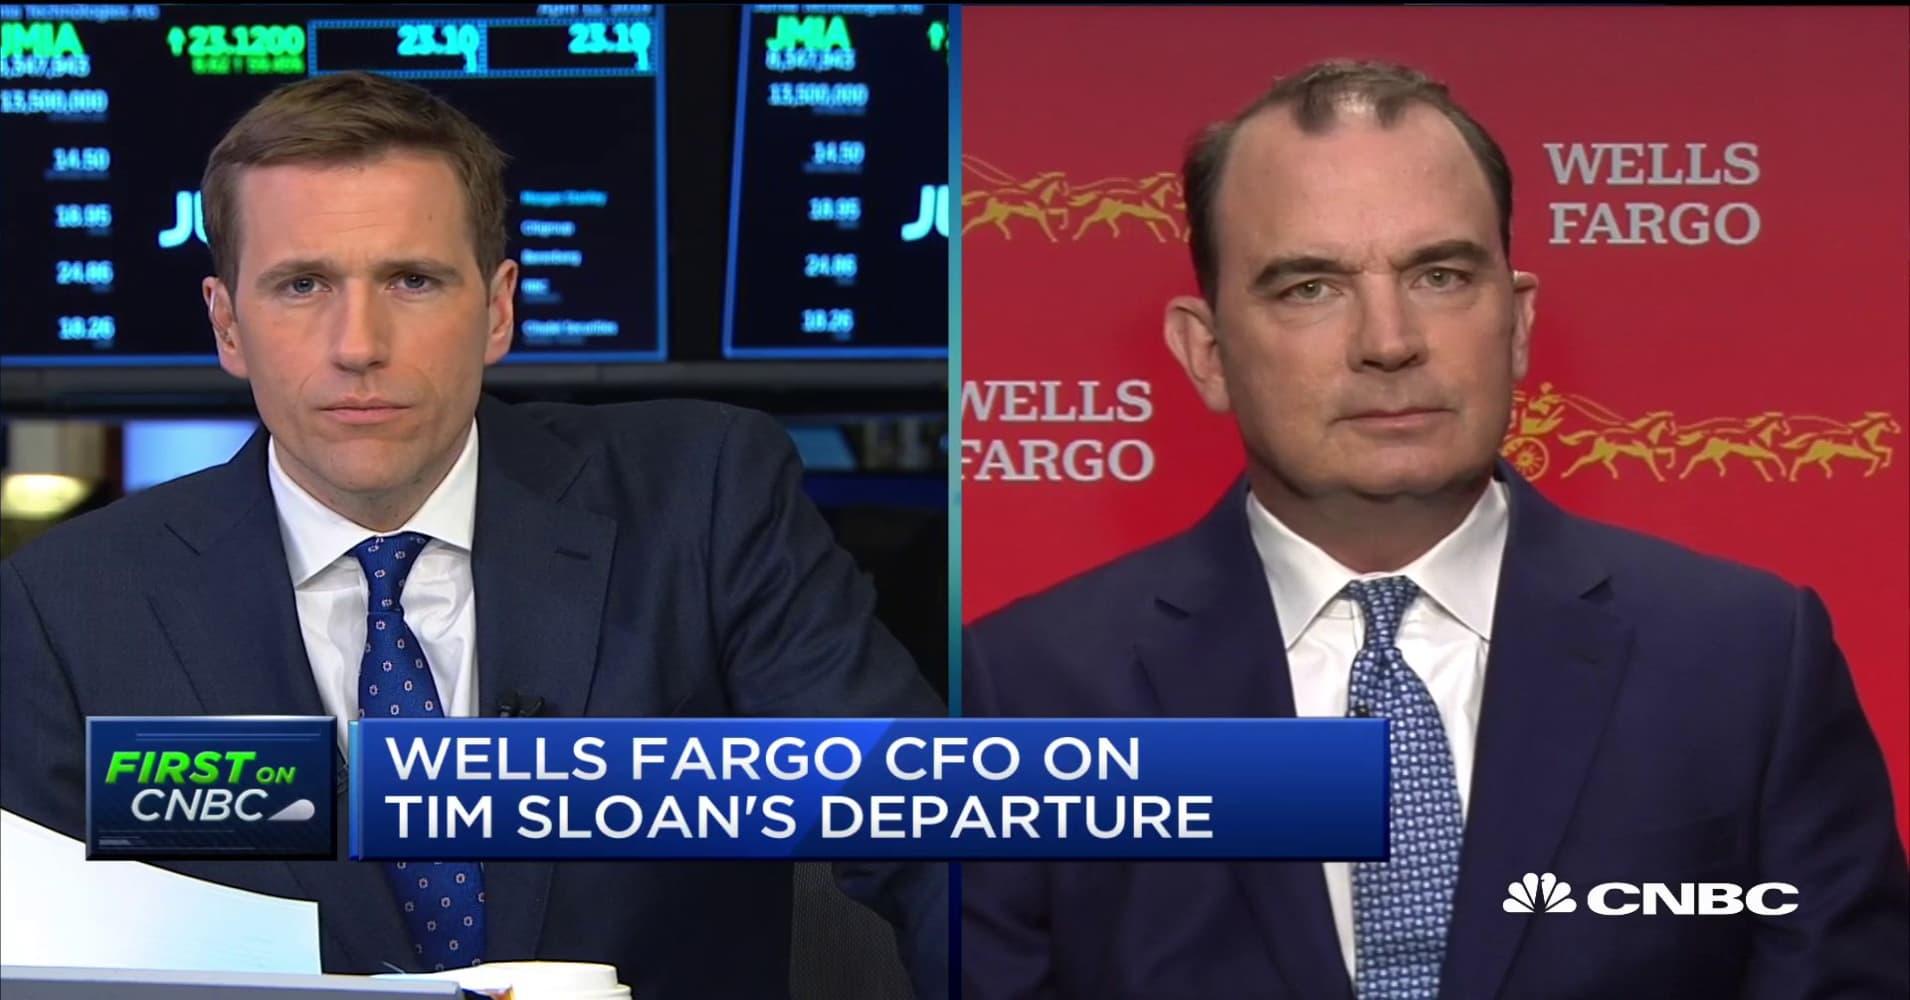 Watch CNBC's full interview with Wells Fargo CFO John Shrewsberry